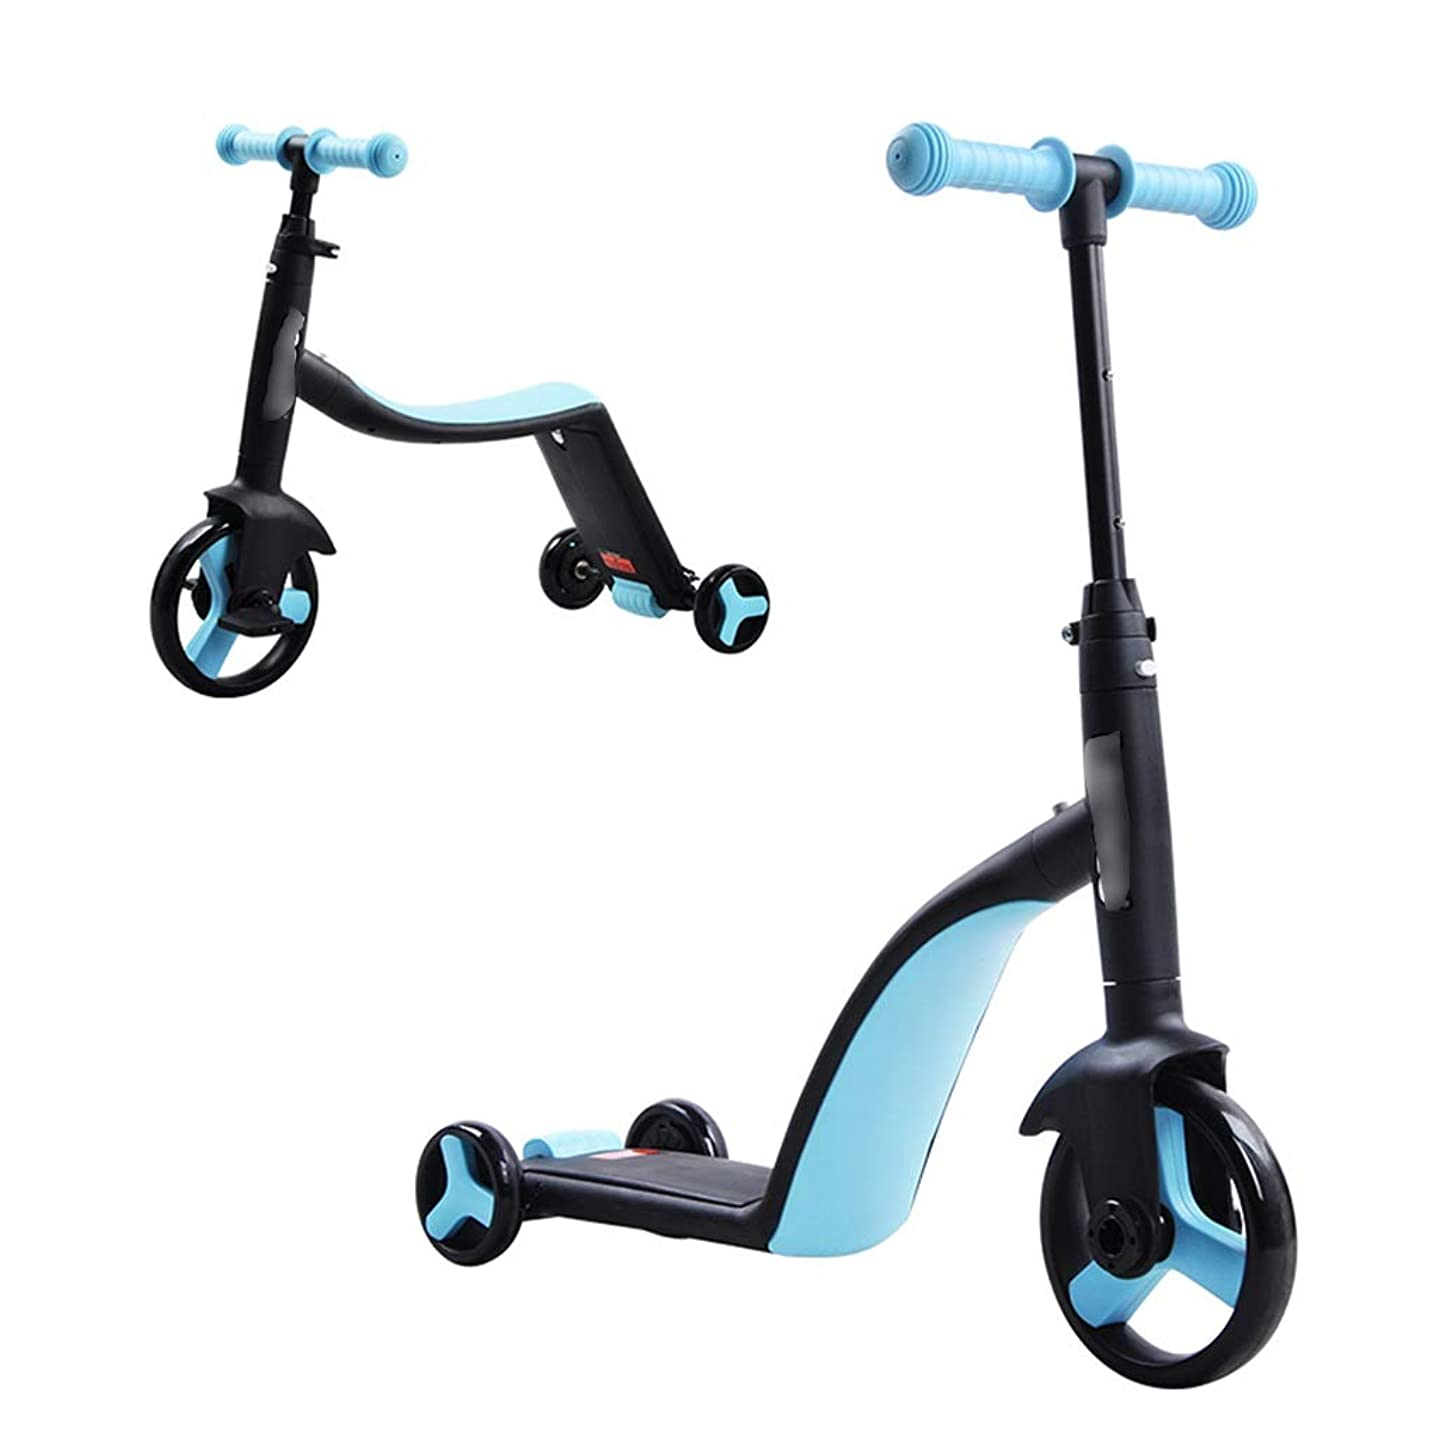 修羅場海上アークスポーツ&アウトドア スケートボード 子供のスクーター3輪ヨーヨー車3-6歳は、スリーインワン多機能子供のスクーターの安全着実なペダルスライド片足耐久性のある耐荷重性の強いスクーターを座ることができます (Color : Blue, Size : 70*29*56cm)